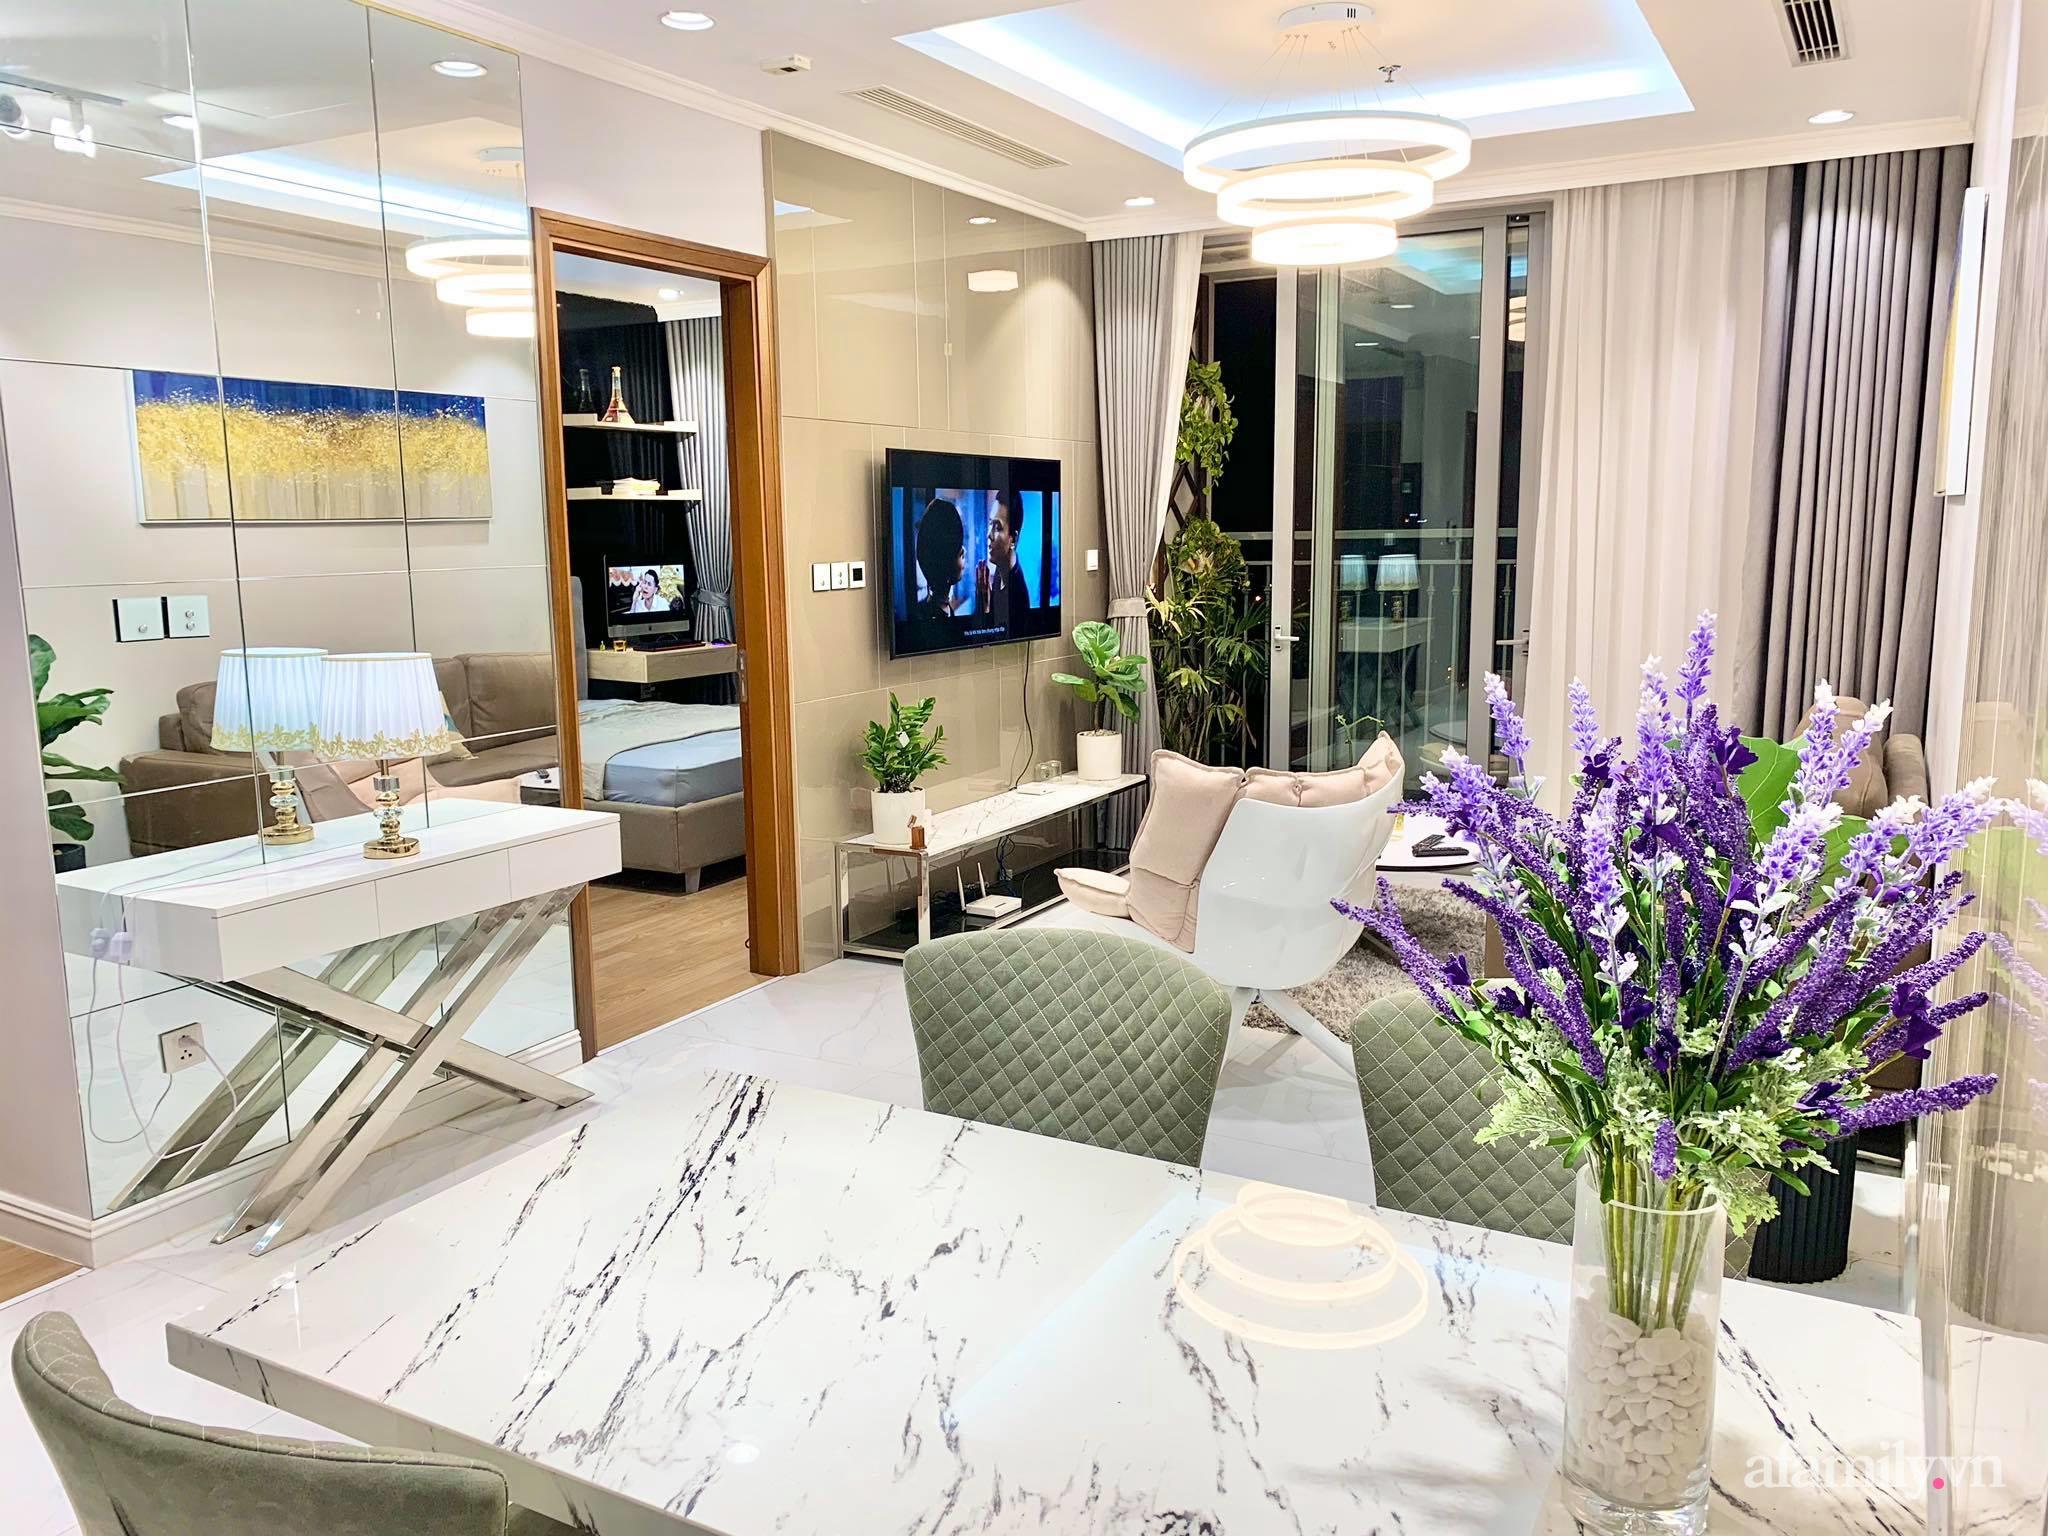 Căn hộ 79m² view trọn Hà Nội được chàng trai độc thân tự tay chọn đồ với chi phí 330 triệu đồng - Ảnh 12.